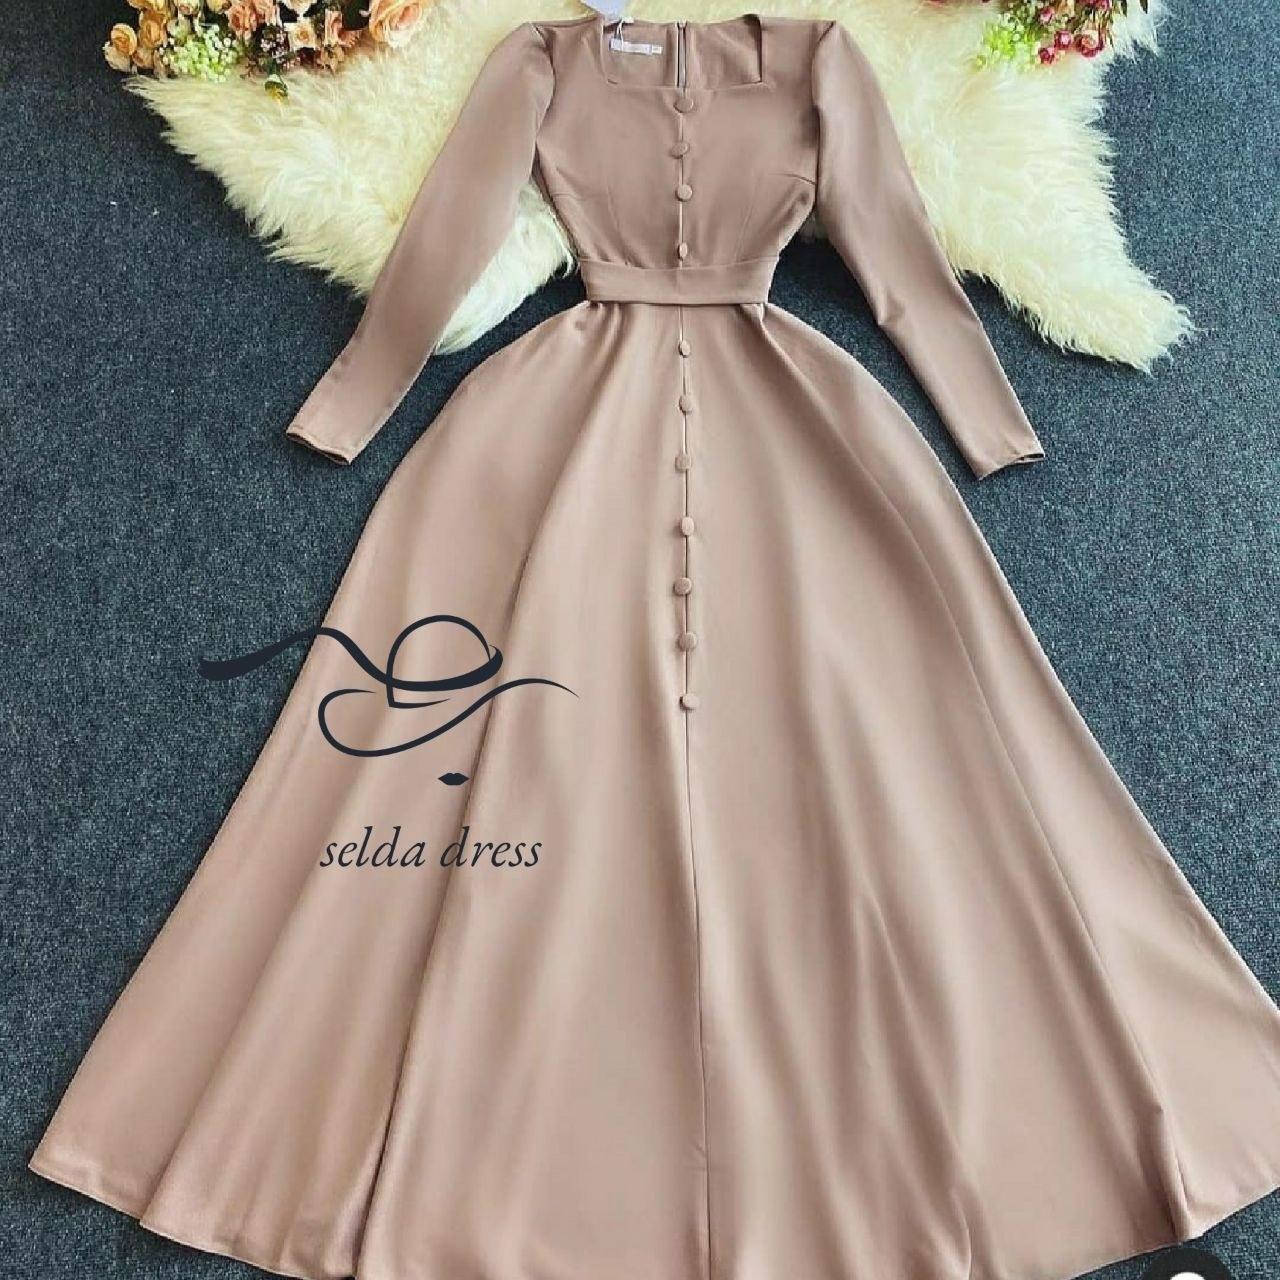 تصویر خرید لباس مجلسی جدید ۱۴۰۰ ماکسی و خاص ۱۷۹ - کرم / ۴۴ 179